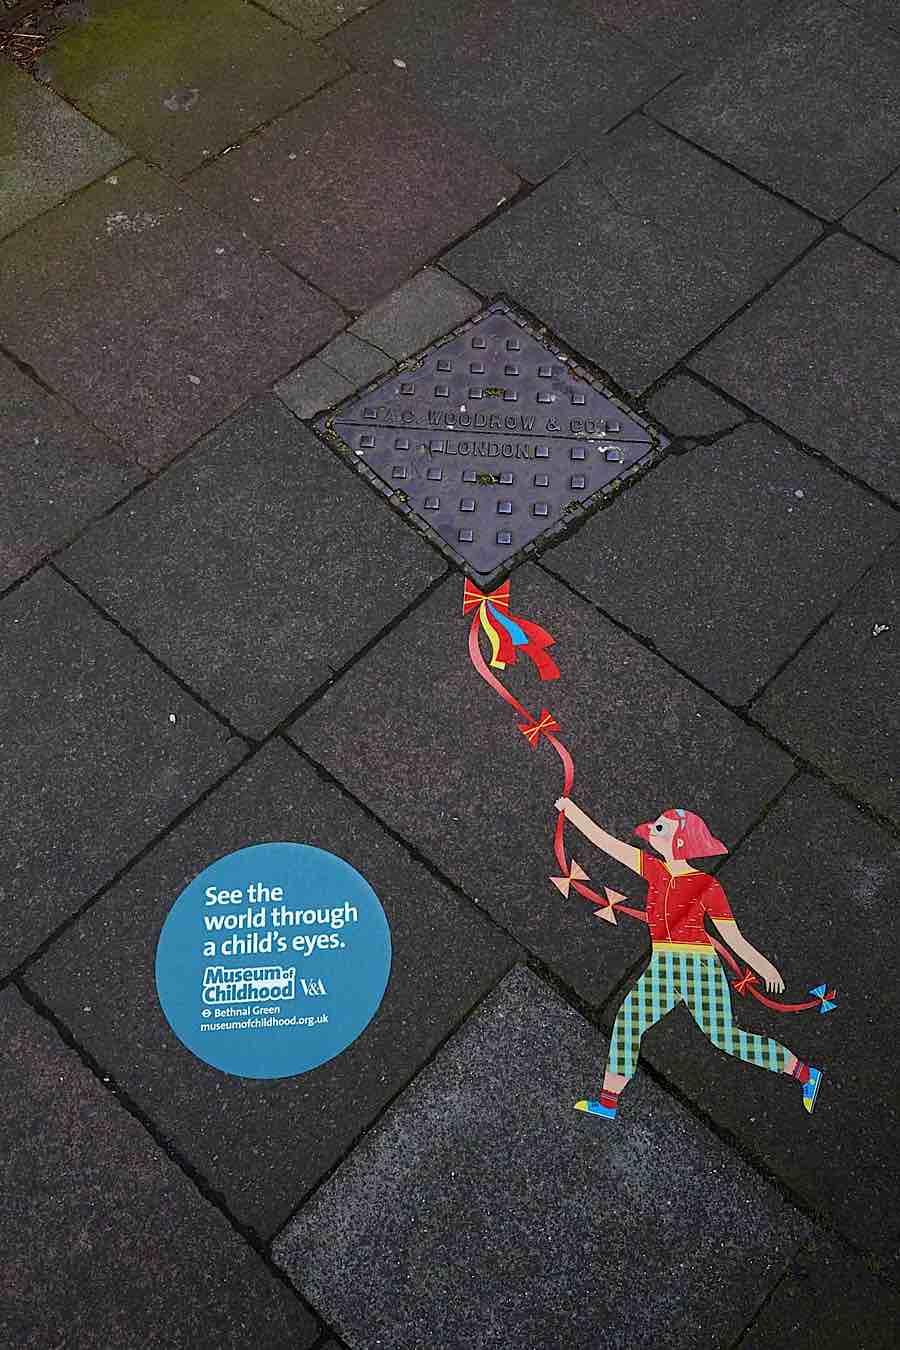 Du Street art pour découvrir le monde avec des yeux d'enfants (1)